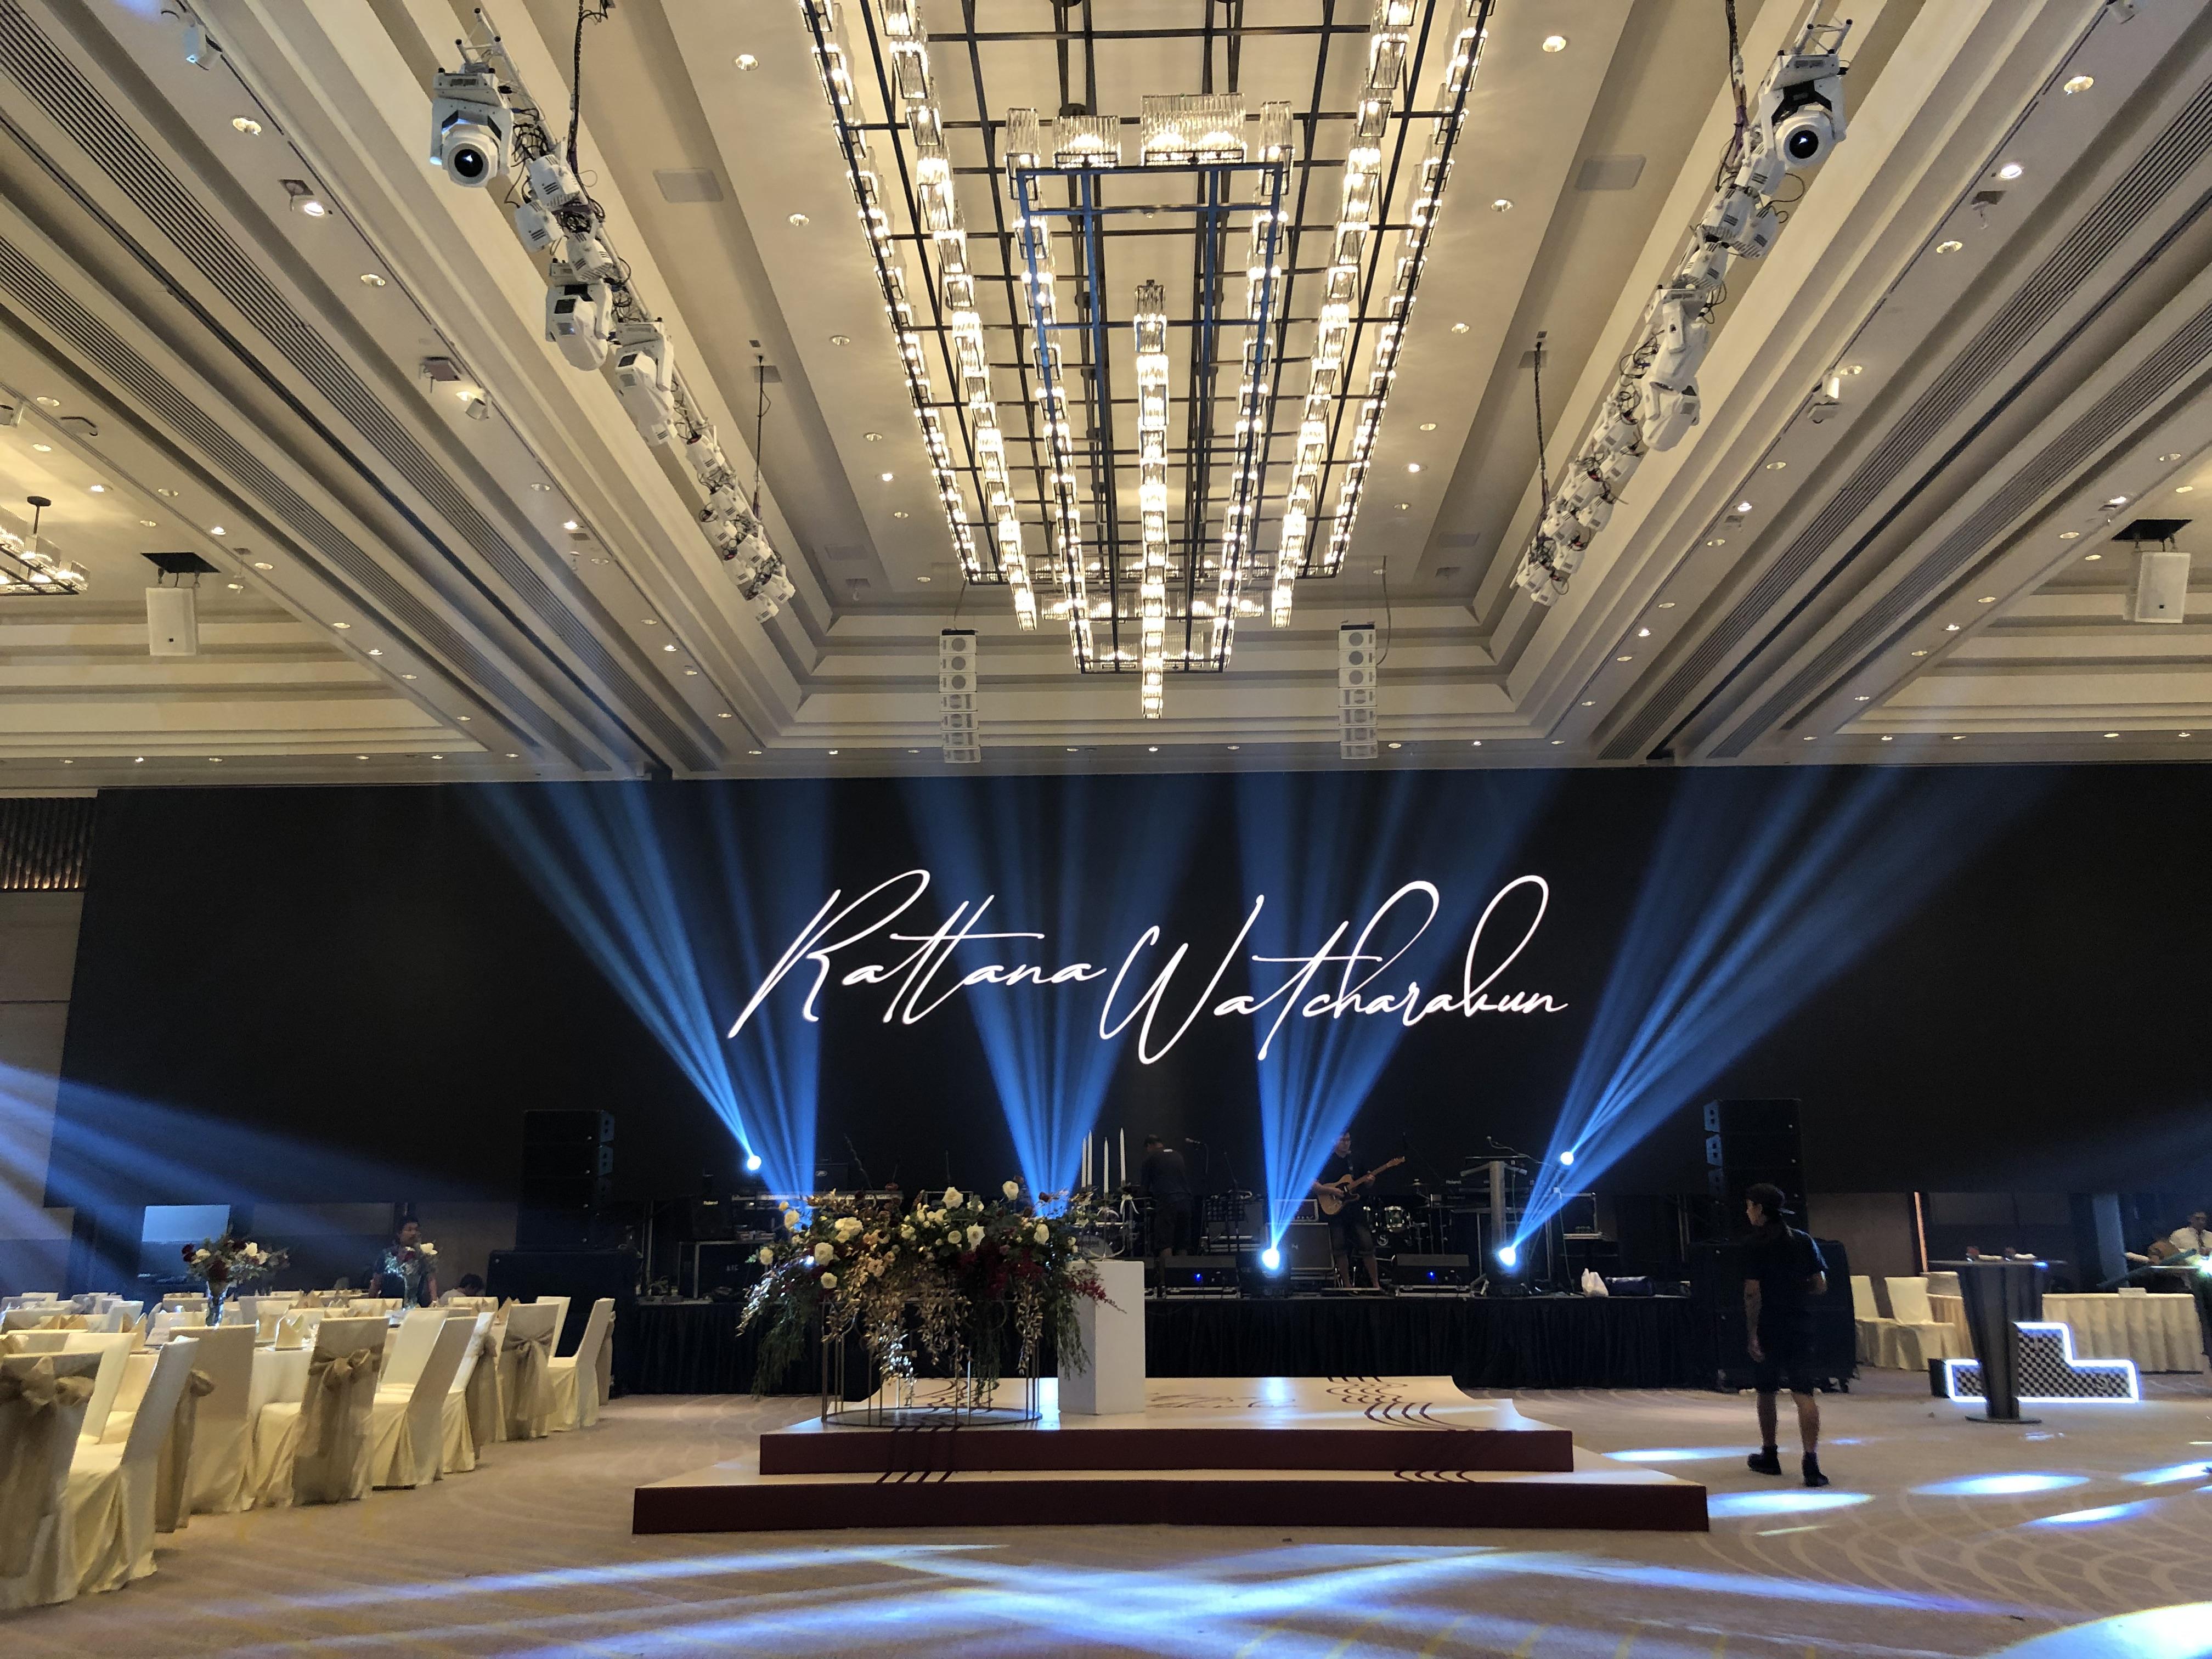 12 เนรมิตงานแต่งดั่งฝัน ในงาน The Promise by Conrad Bangkok ลุ้นรับฟรี! แพ็คเกจฮันนีมูนมัลดีฟส์